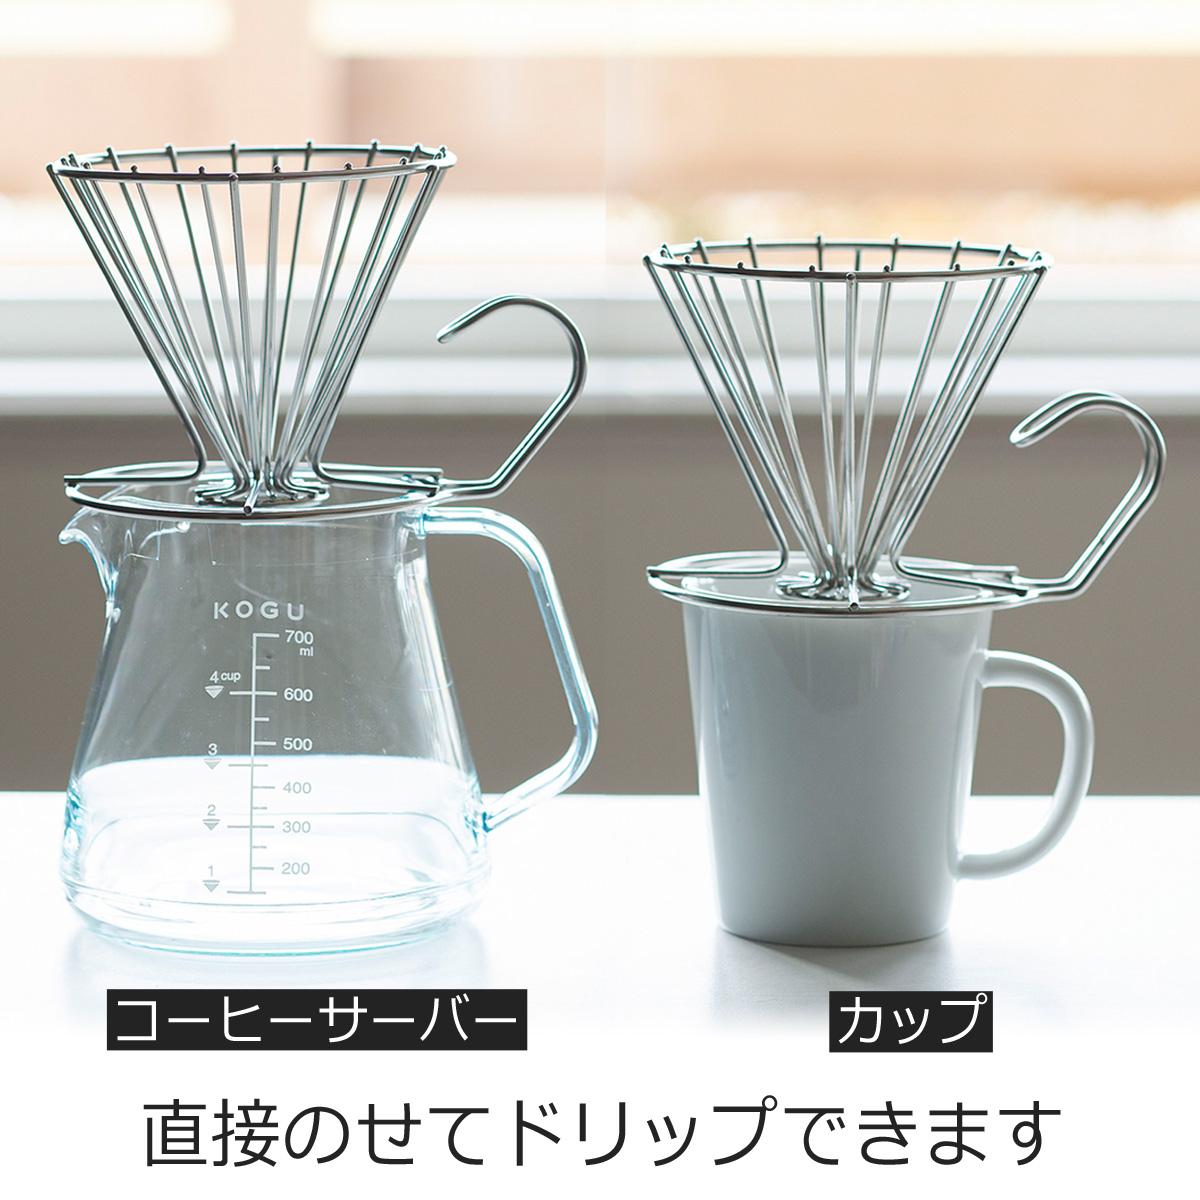 道具 コーヒー ハンド ドリップ ハンドドリップ式コーヒー おいしい淹れ方|道具・豆量・温度・コツを徹底解説